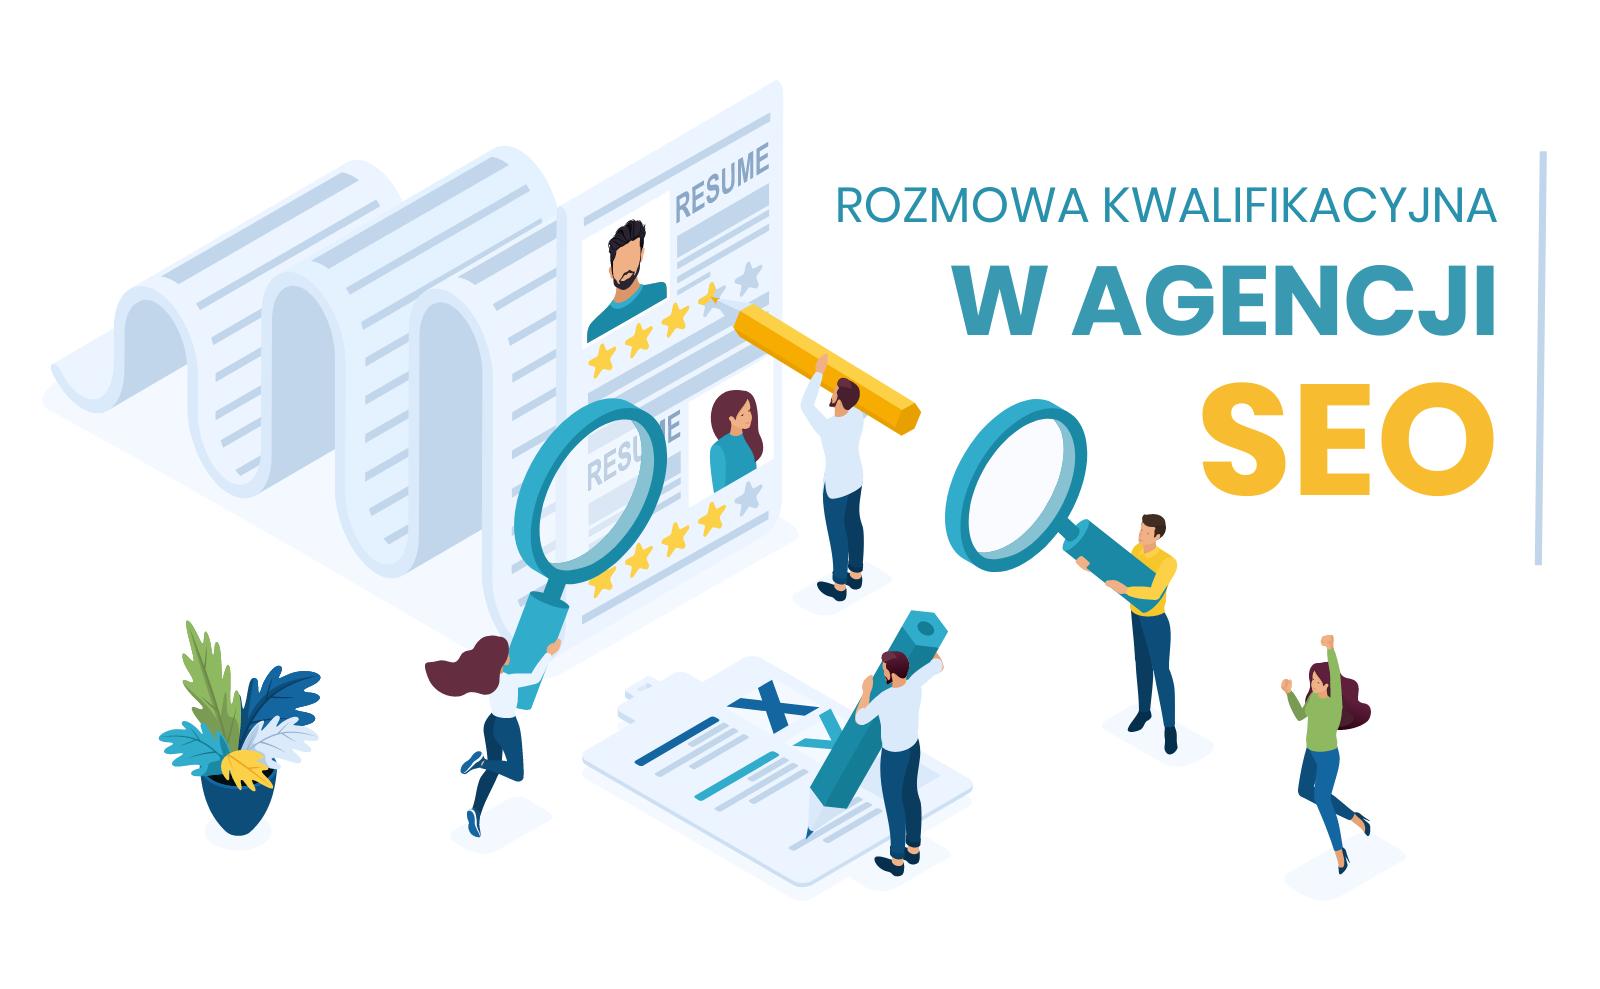 Praca w agencji SEO. Jak przygotować się do rozmowy kwalifikacyjnej?